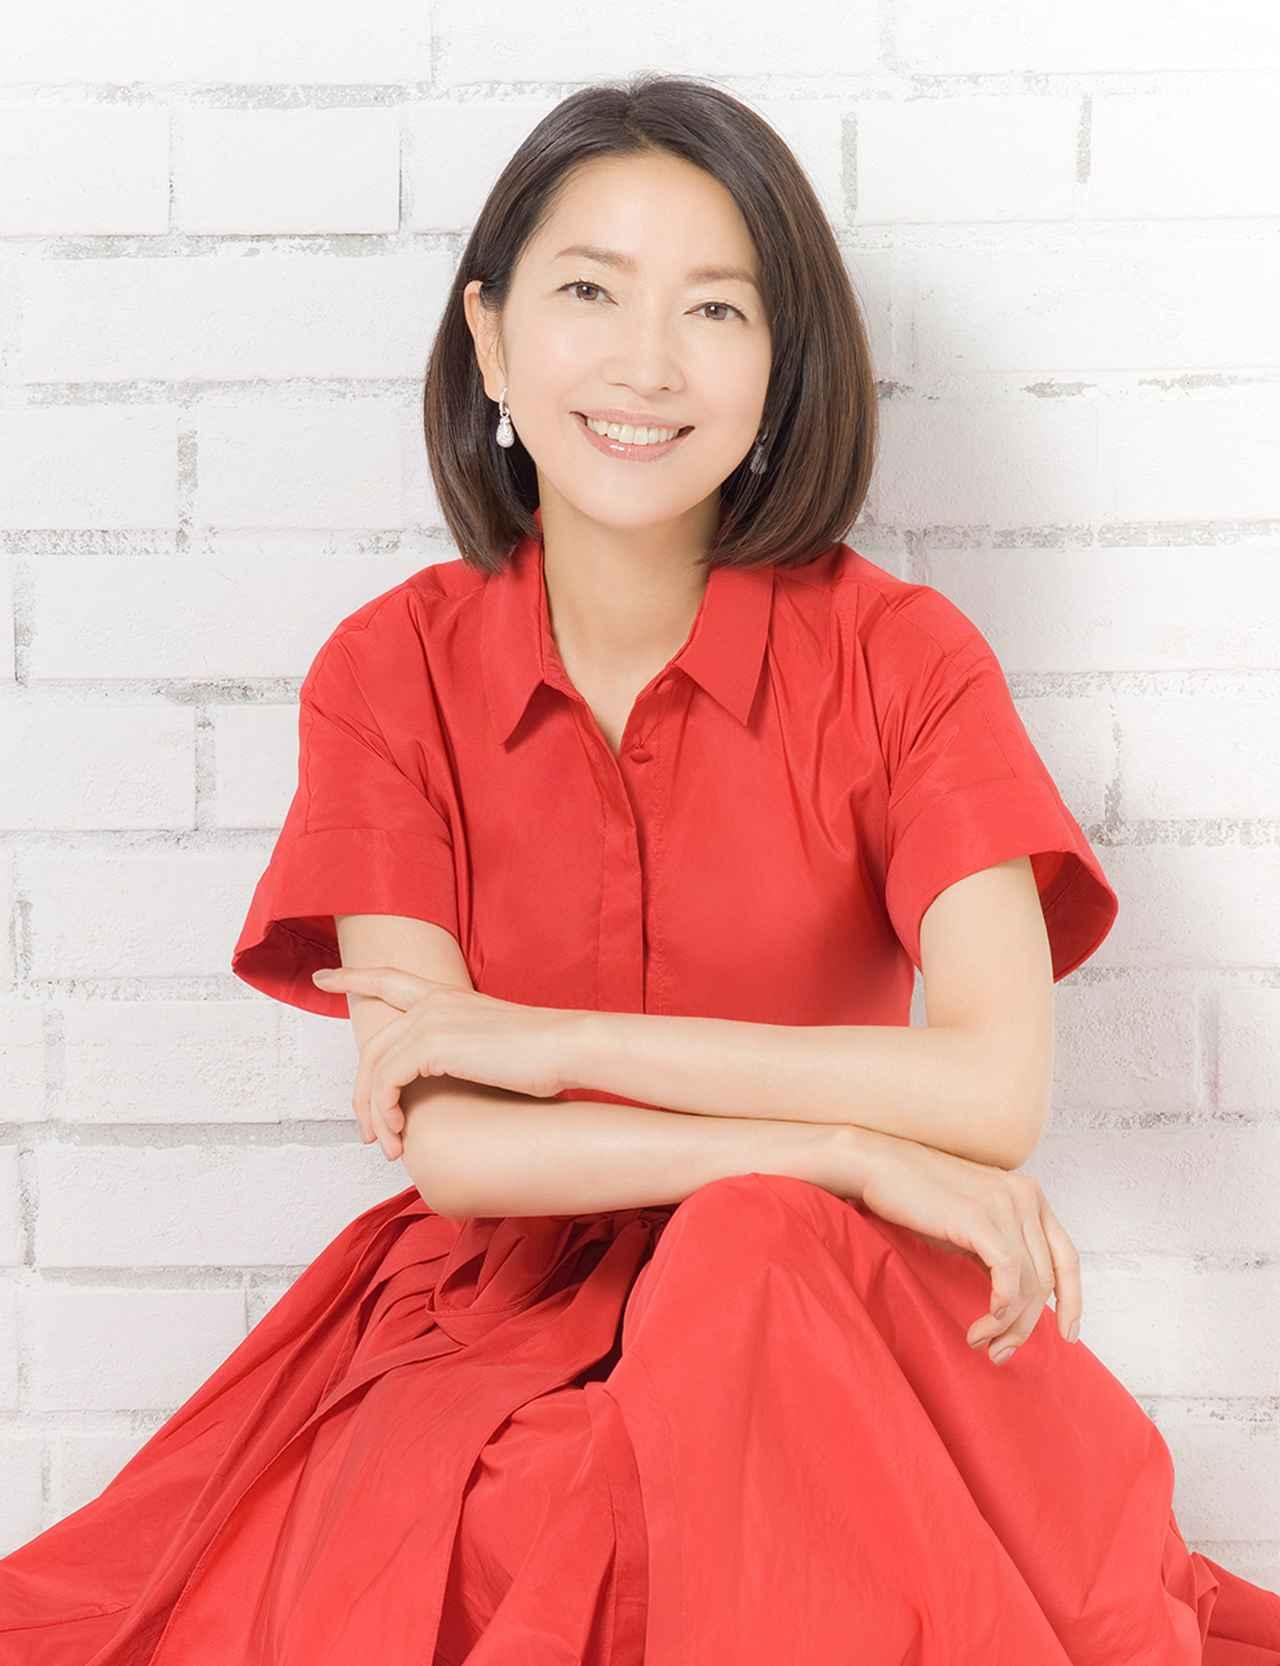 Images : 女優 羽田美智子さん